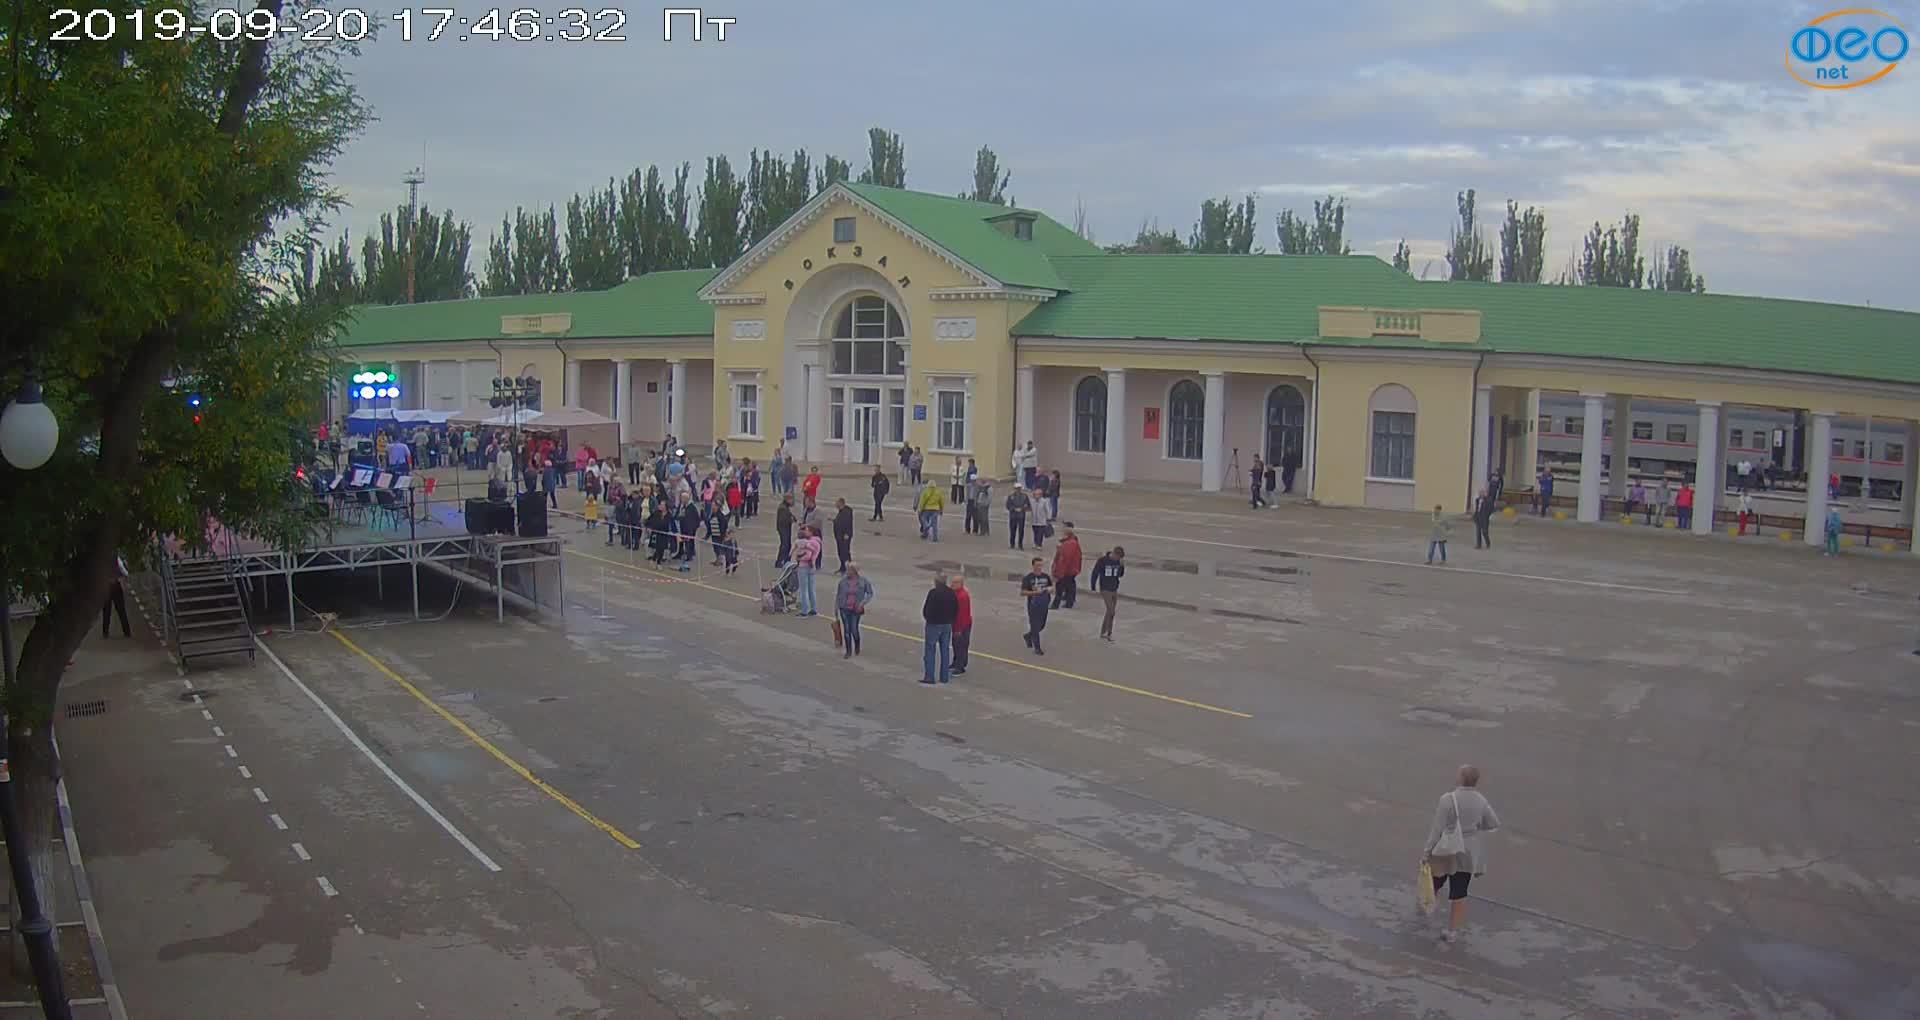 Веб-камеры Феодосии, Привокзальная площадь, 2019-09-20 18:03:07